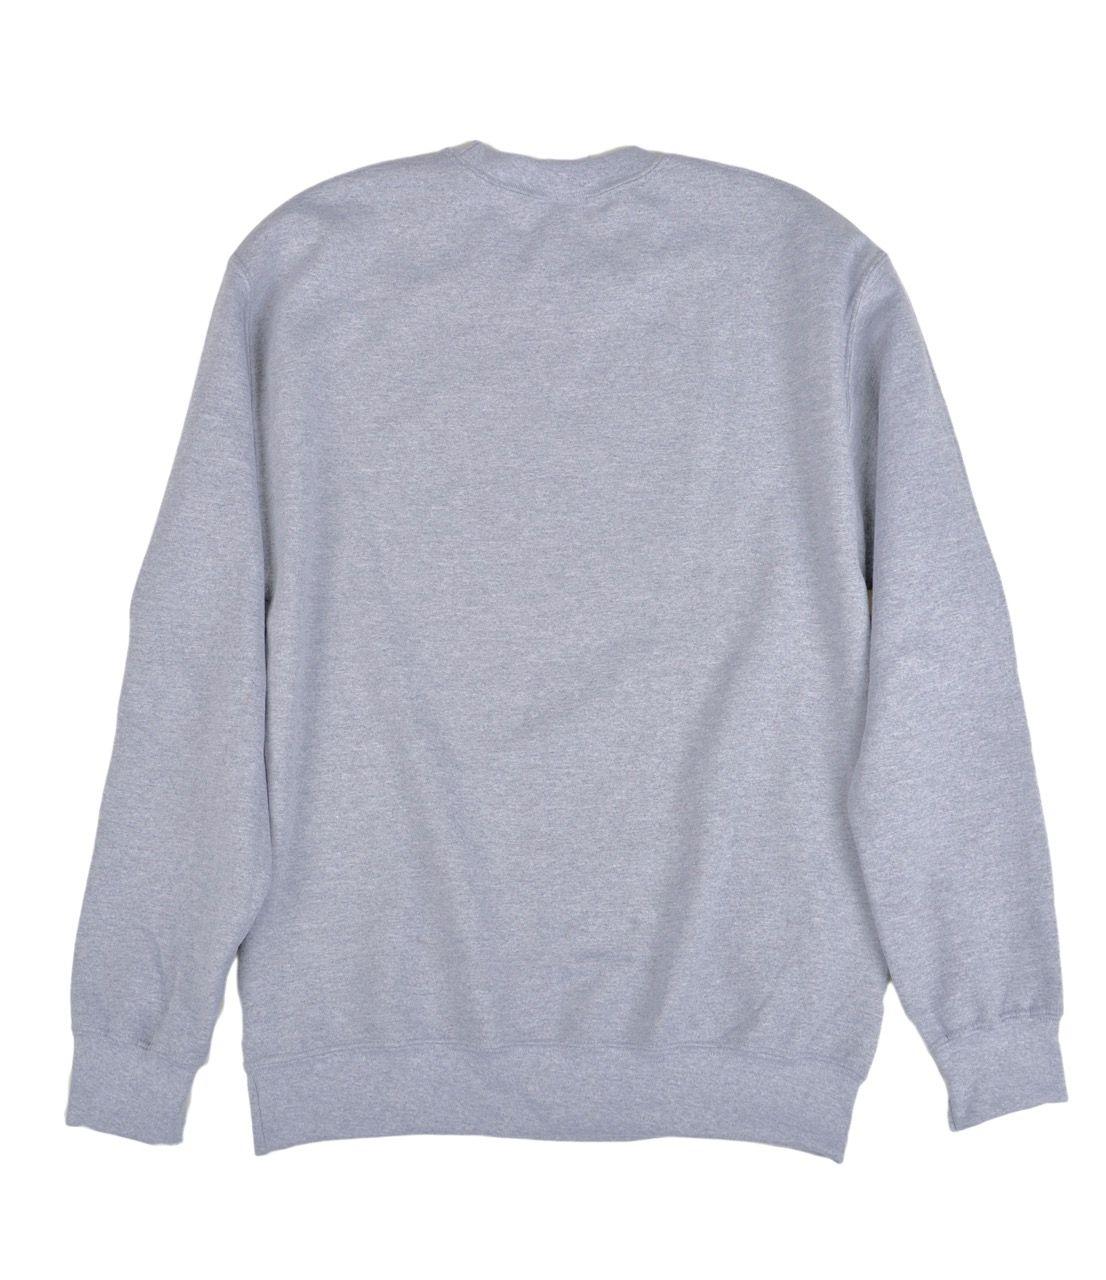 Poloshow Sweater sportygrey 2